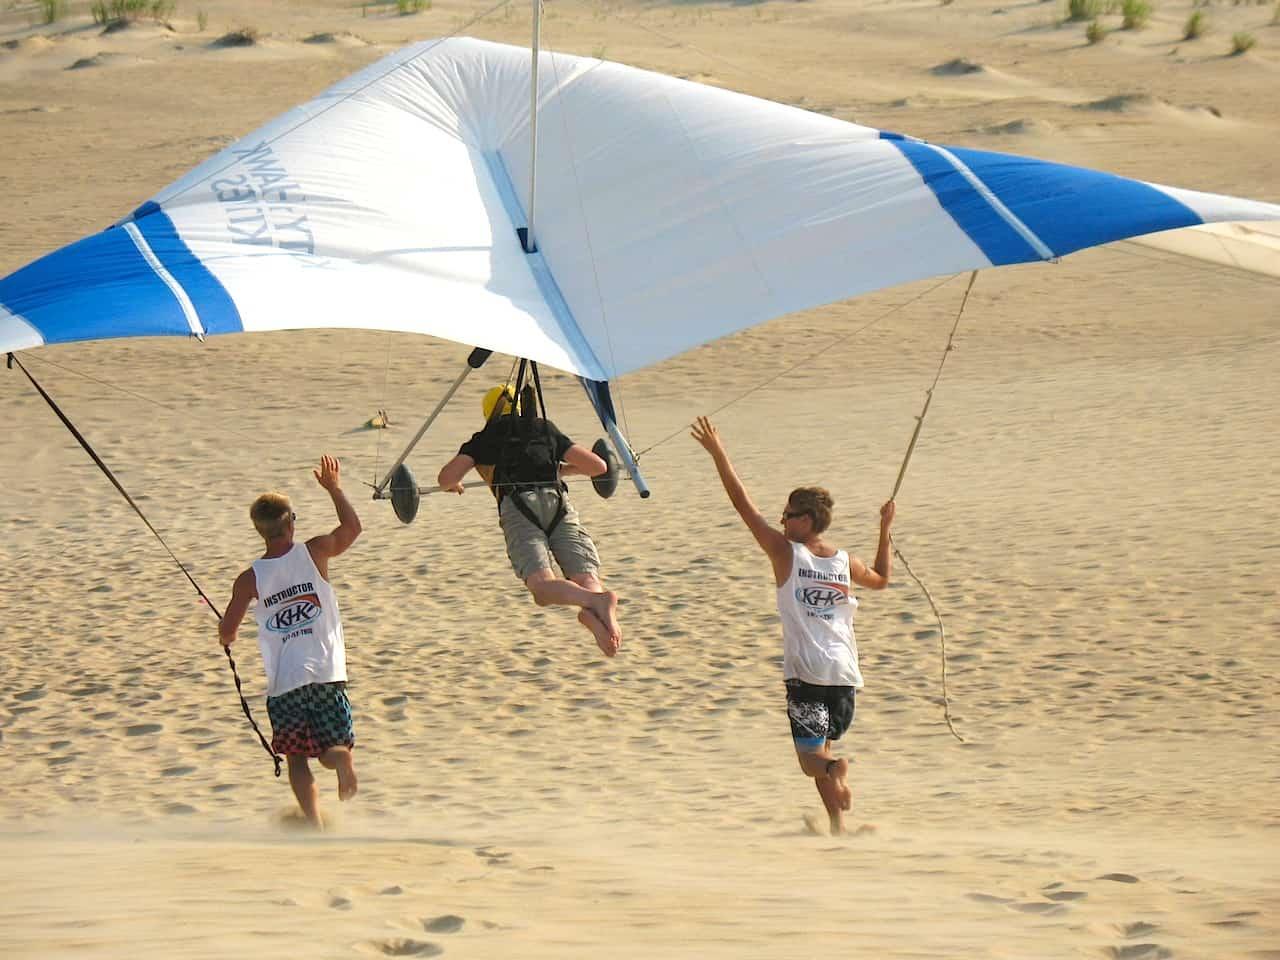 Amateur heavier than air glider contest